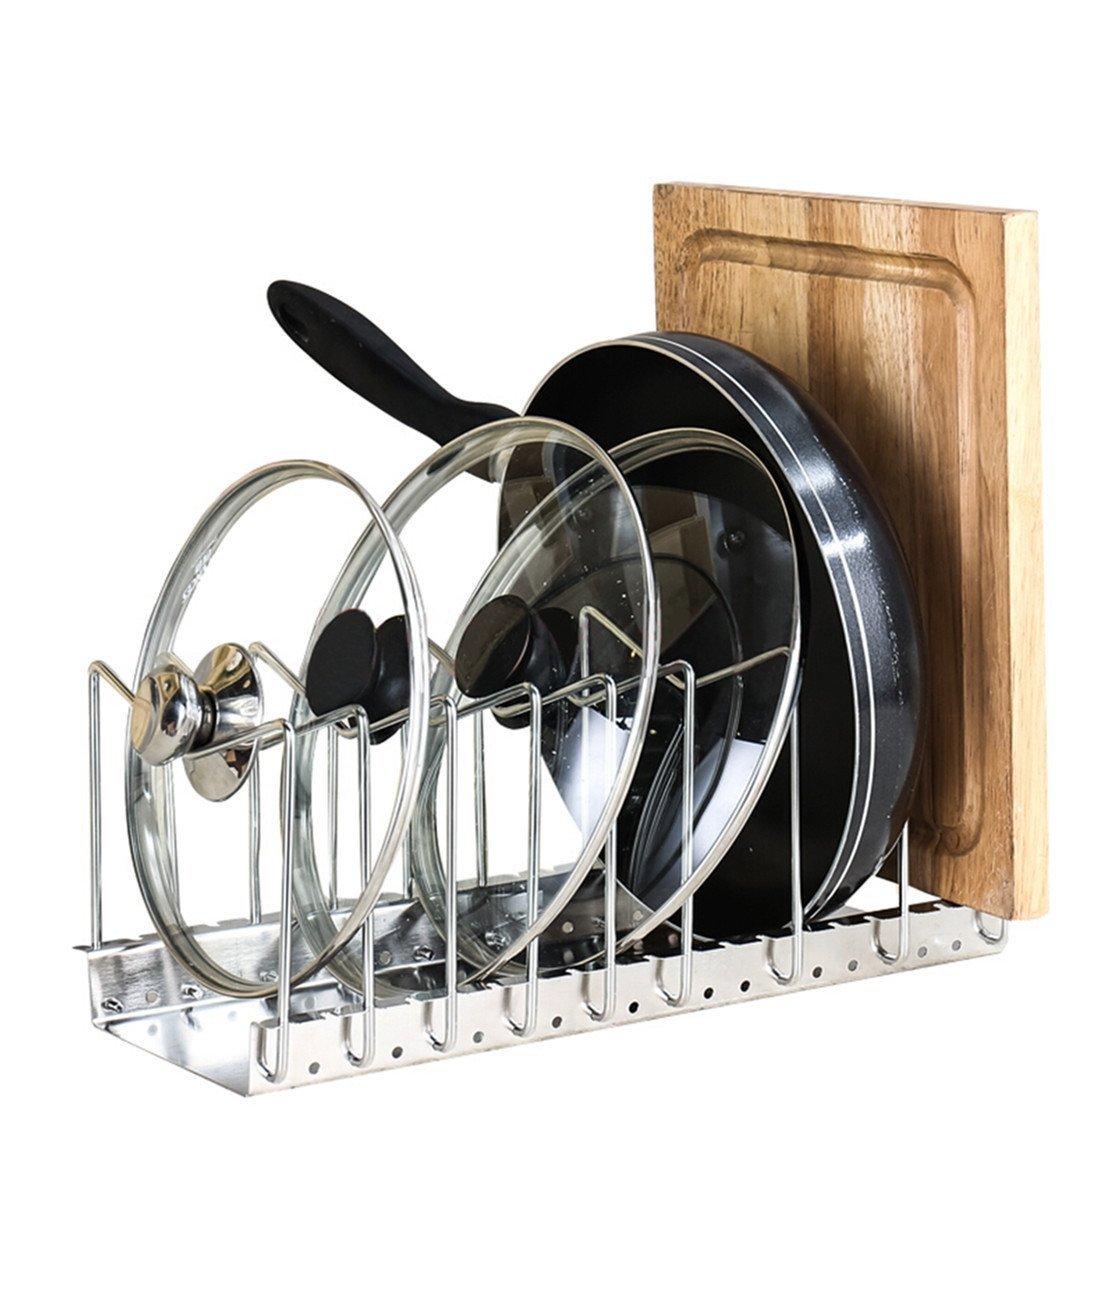 ohuhu Qrganizador Tapas Ollas, Soporte de acero inoxidable Estante ideal para sartenes y tapaderas de ollas - Estantería para secar utensilios de cocina y ...